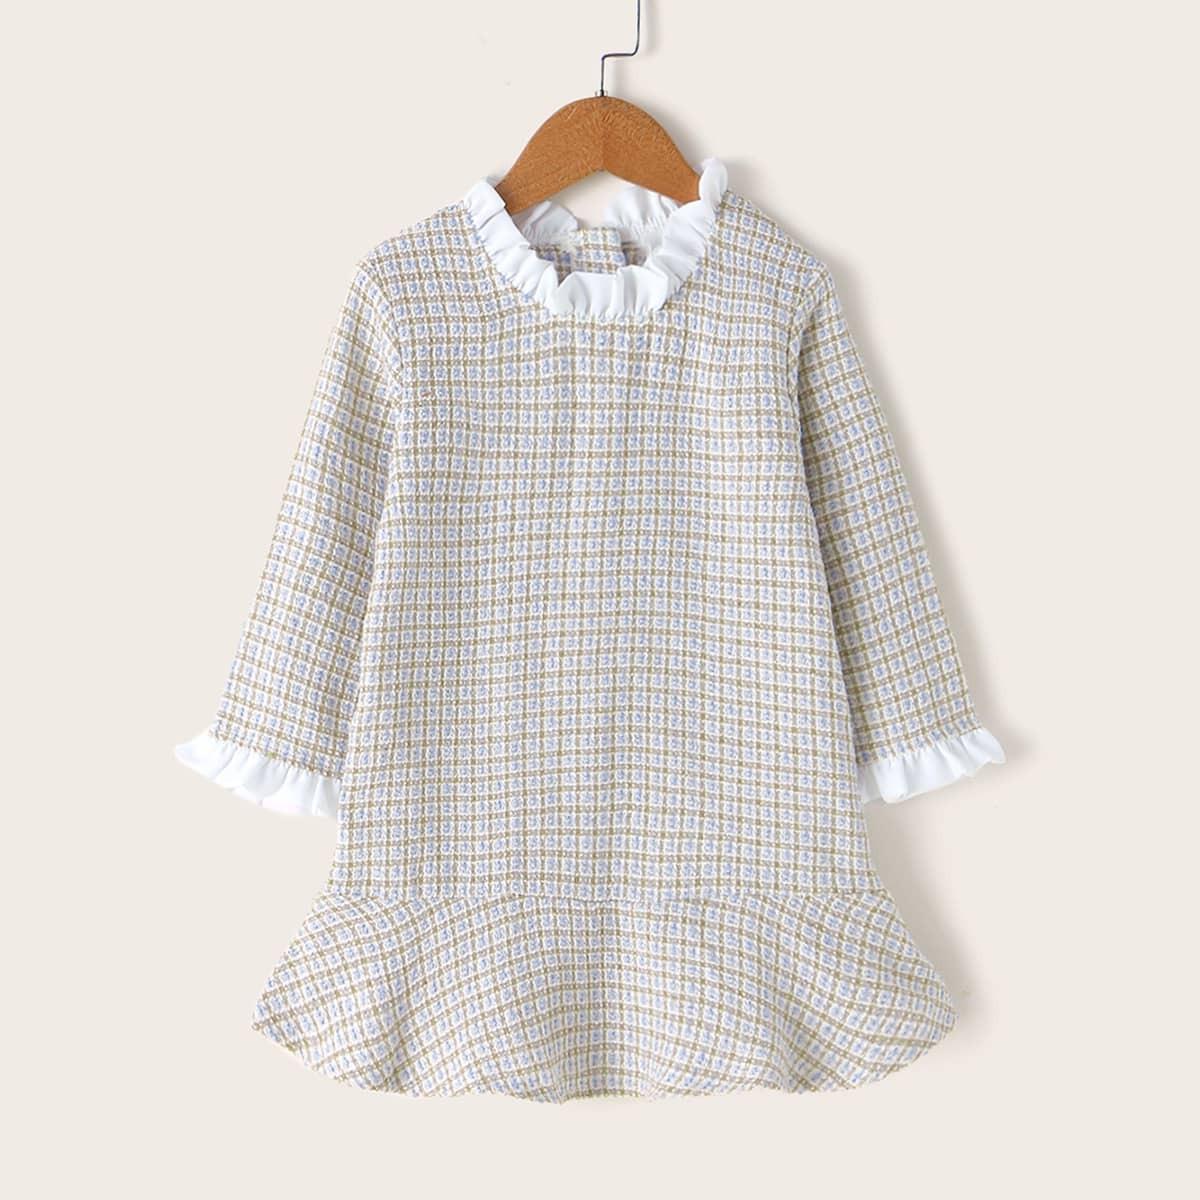 SHEIN / Vielfarbig Rüschen Kariert  Preppy Kleinkind Mädchen Kleider